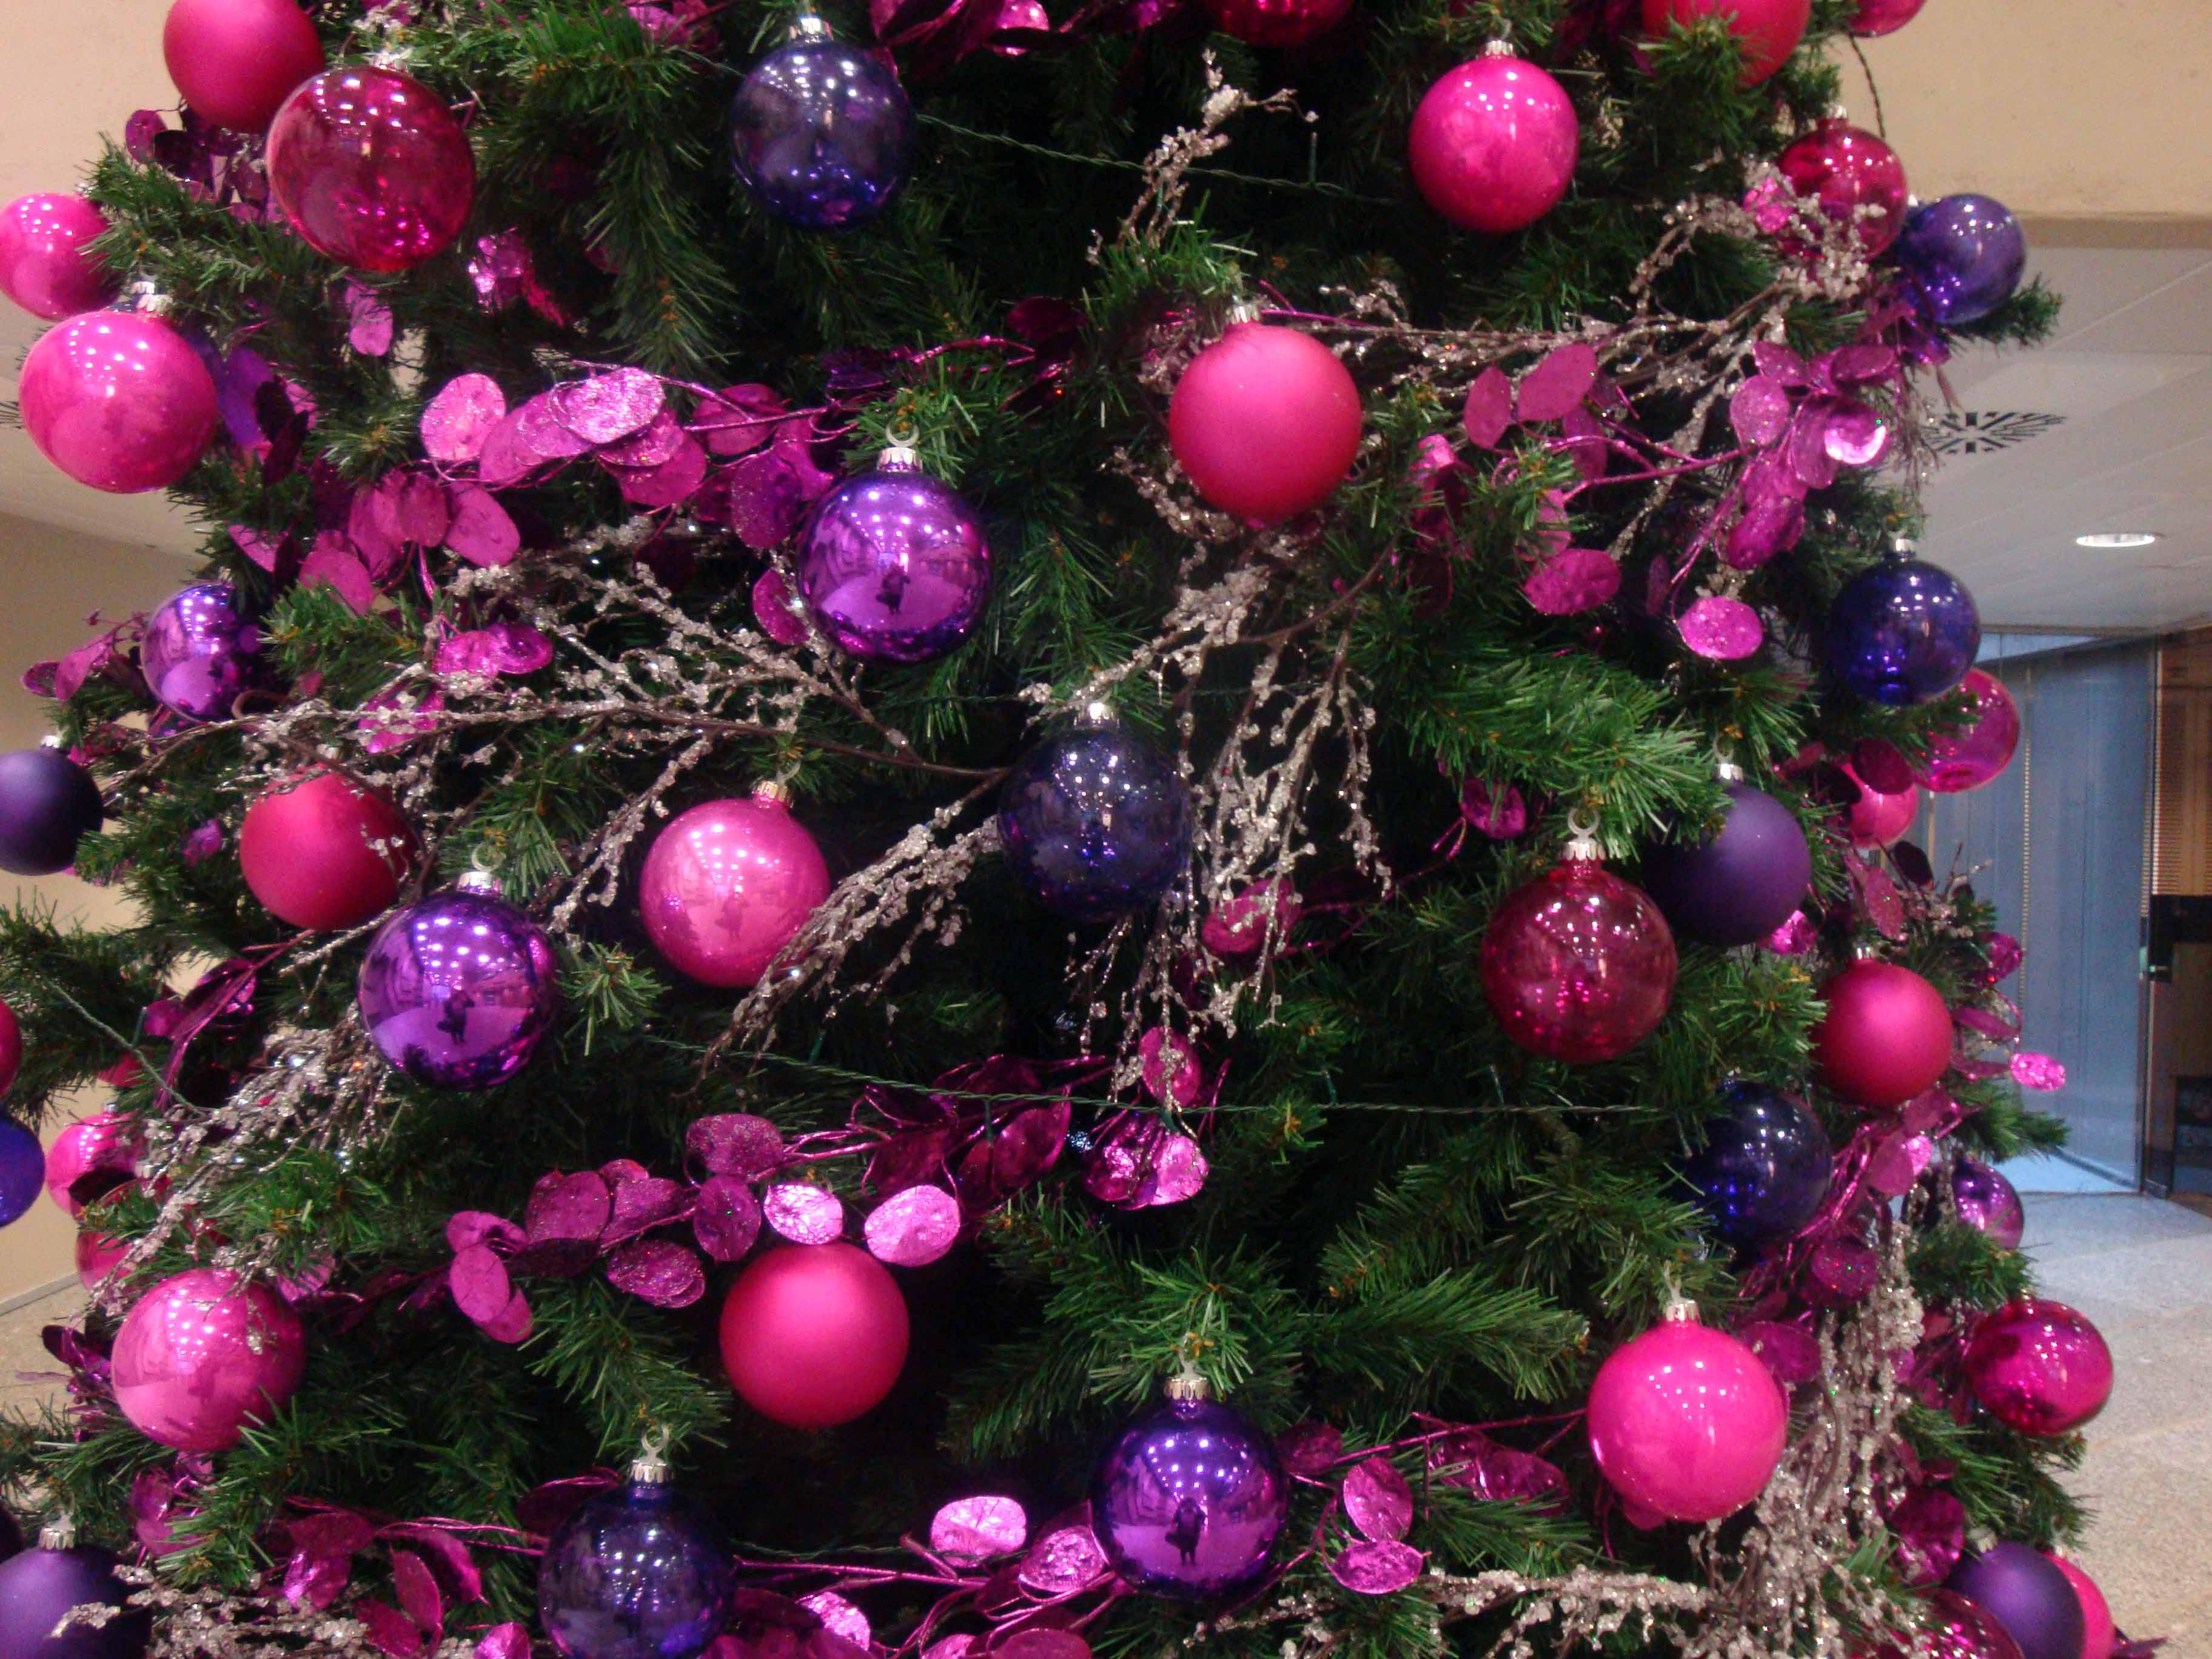 cheap interesting rboles de navidad color morado with imagenes de arboles de navidad decorados with arboles navidad decorados - Rboles De Navidad Decorados